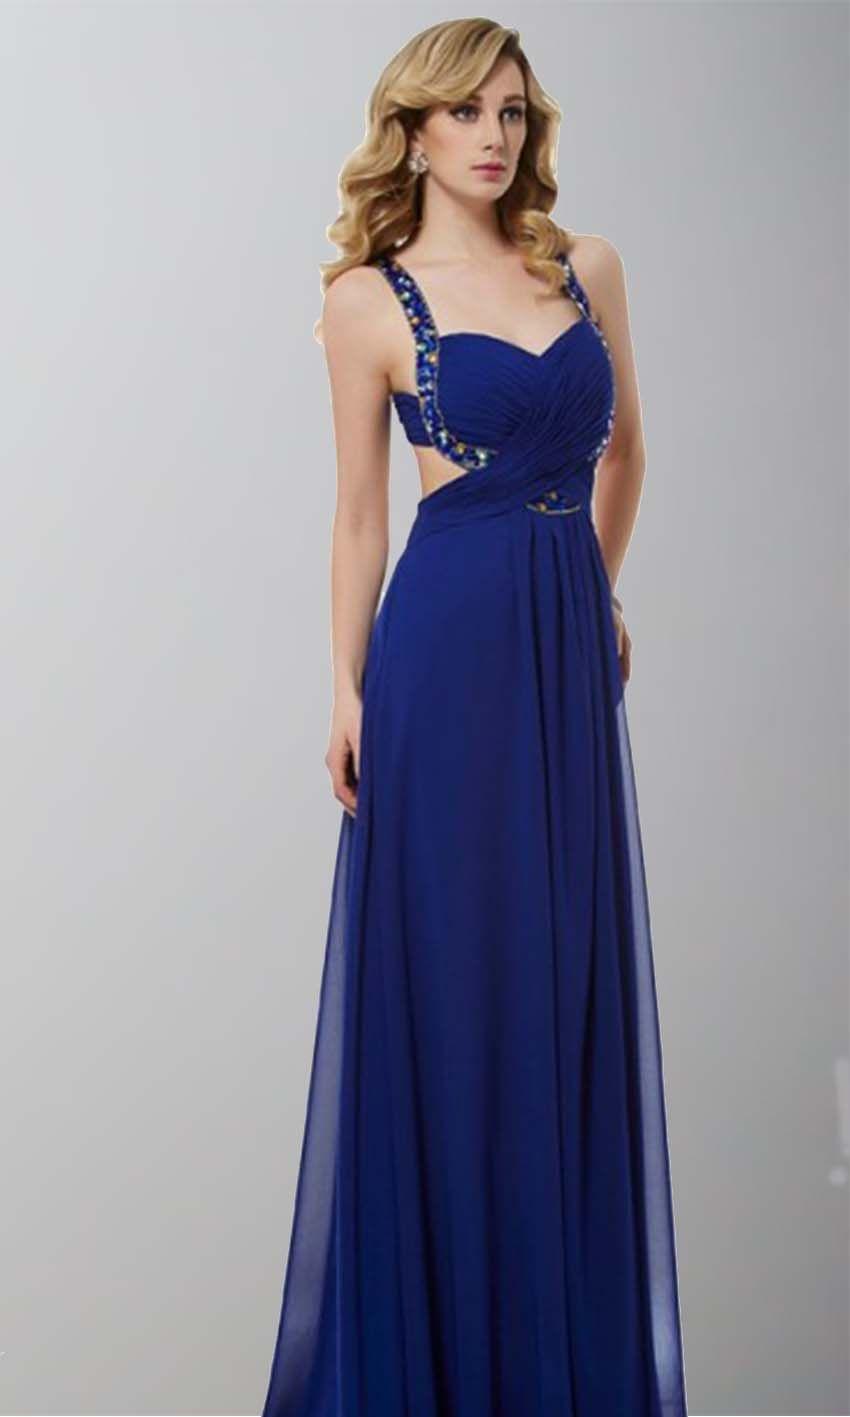 Blue backless cross strap long prom dresses uk ksp343 prom blue backless cross strap long prom dresses uk ksp343 ombrellifo Gallery